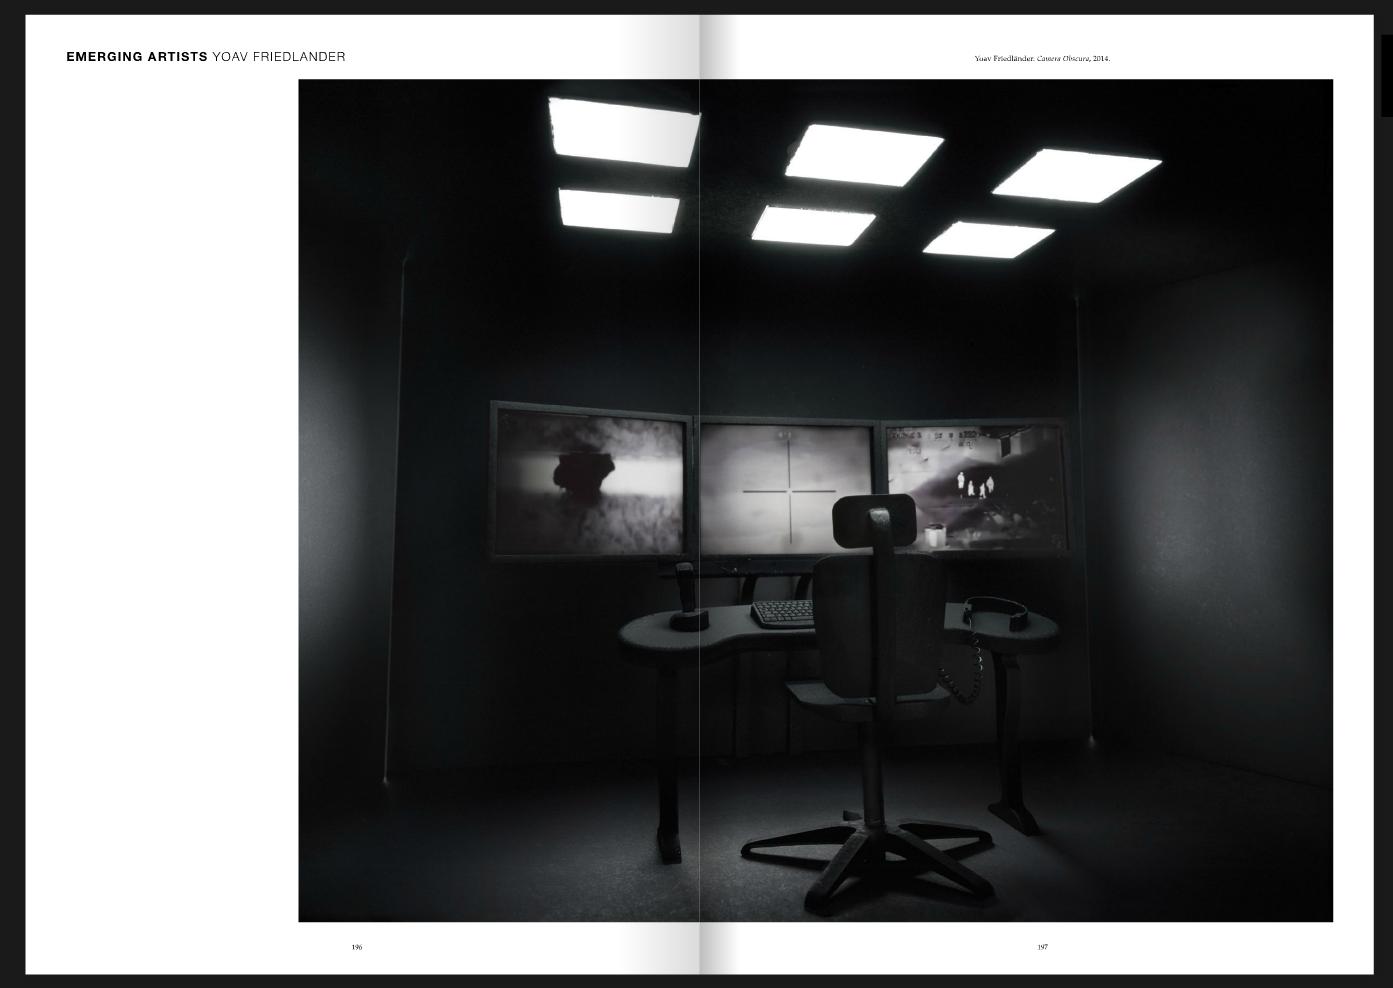 2015 07 08 Musee Magazine Screen Shot 2017-03-26 at 10.59.49 PM.png